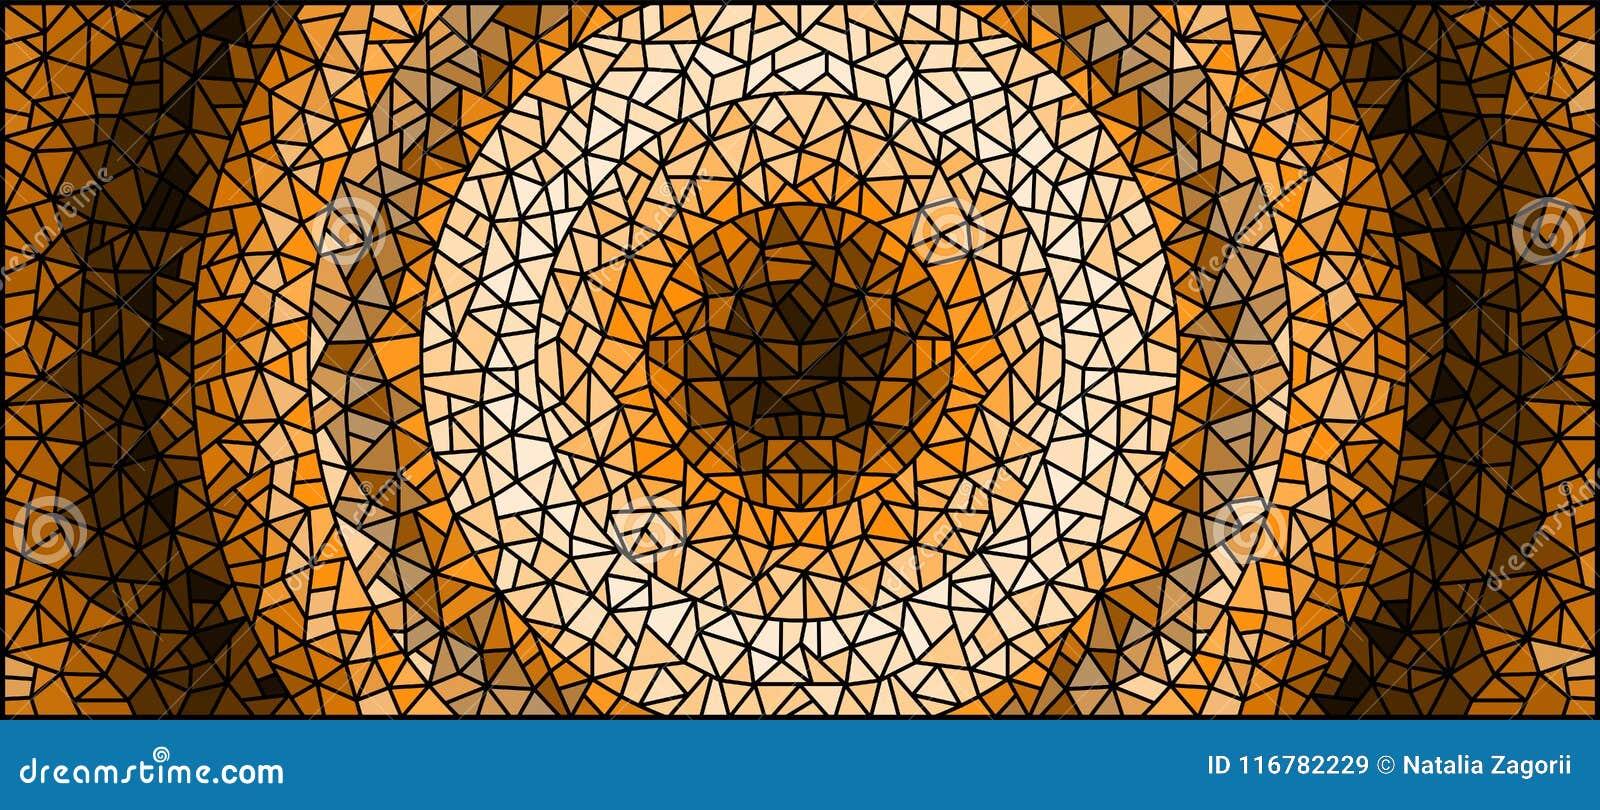 Le fond d abrégé sur illustration en verre souillé, monochrome, modifient la tonalité l image brune et horizontale